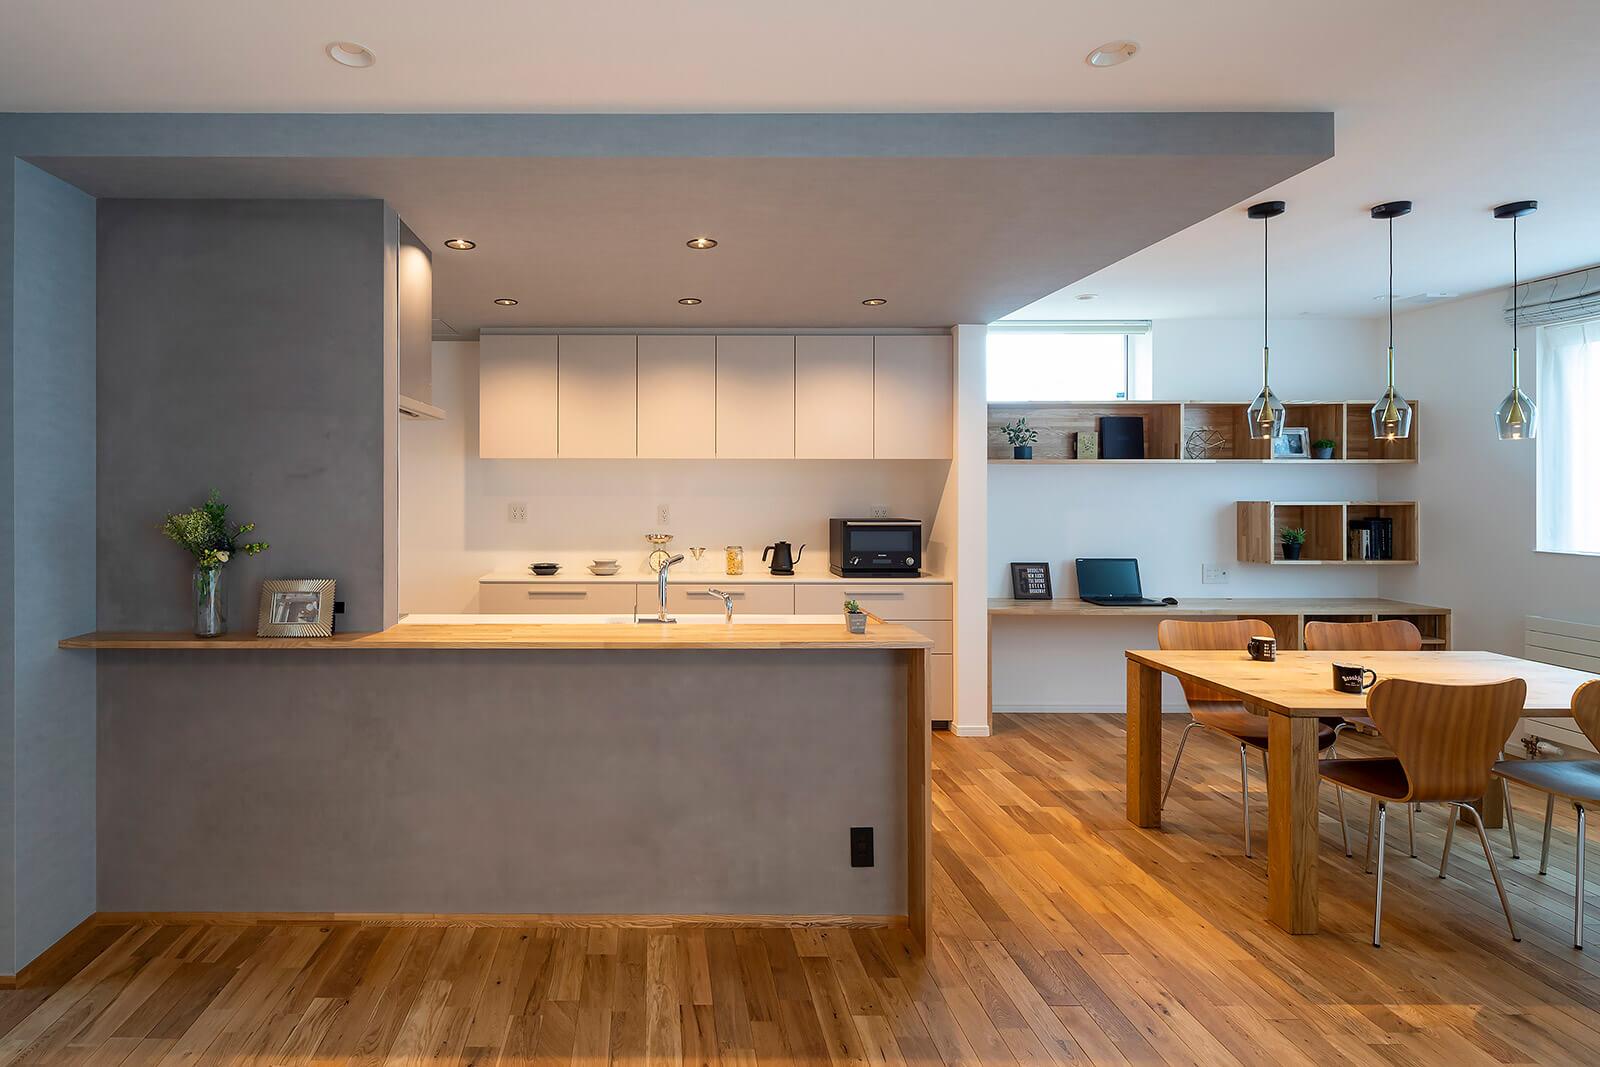 対面式のキッチンは、下がり天井とキッチンカウンターのリビング側をグレーの塗装仕上げに。マットな質感が上質さを演出している